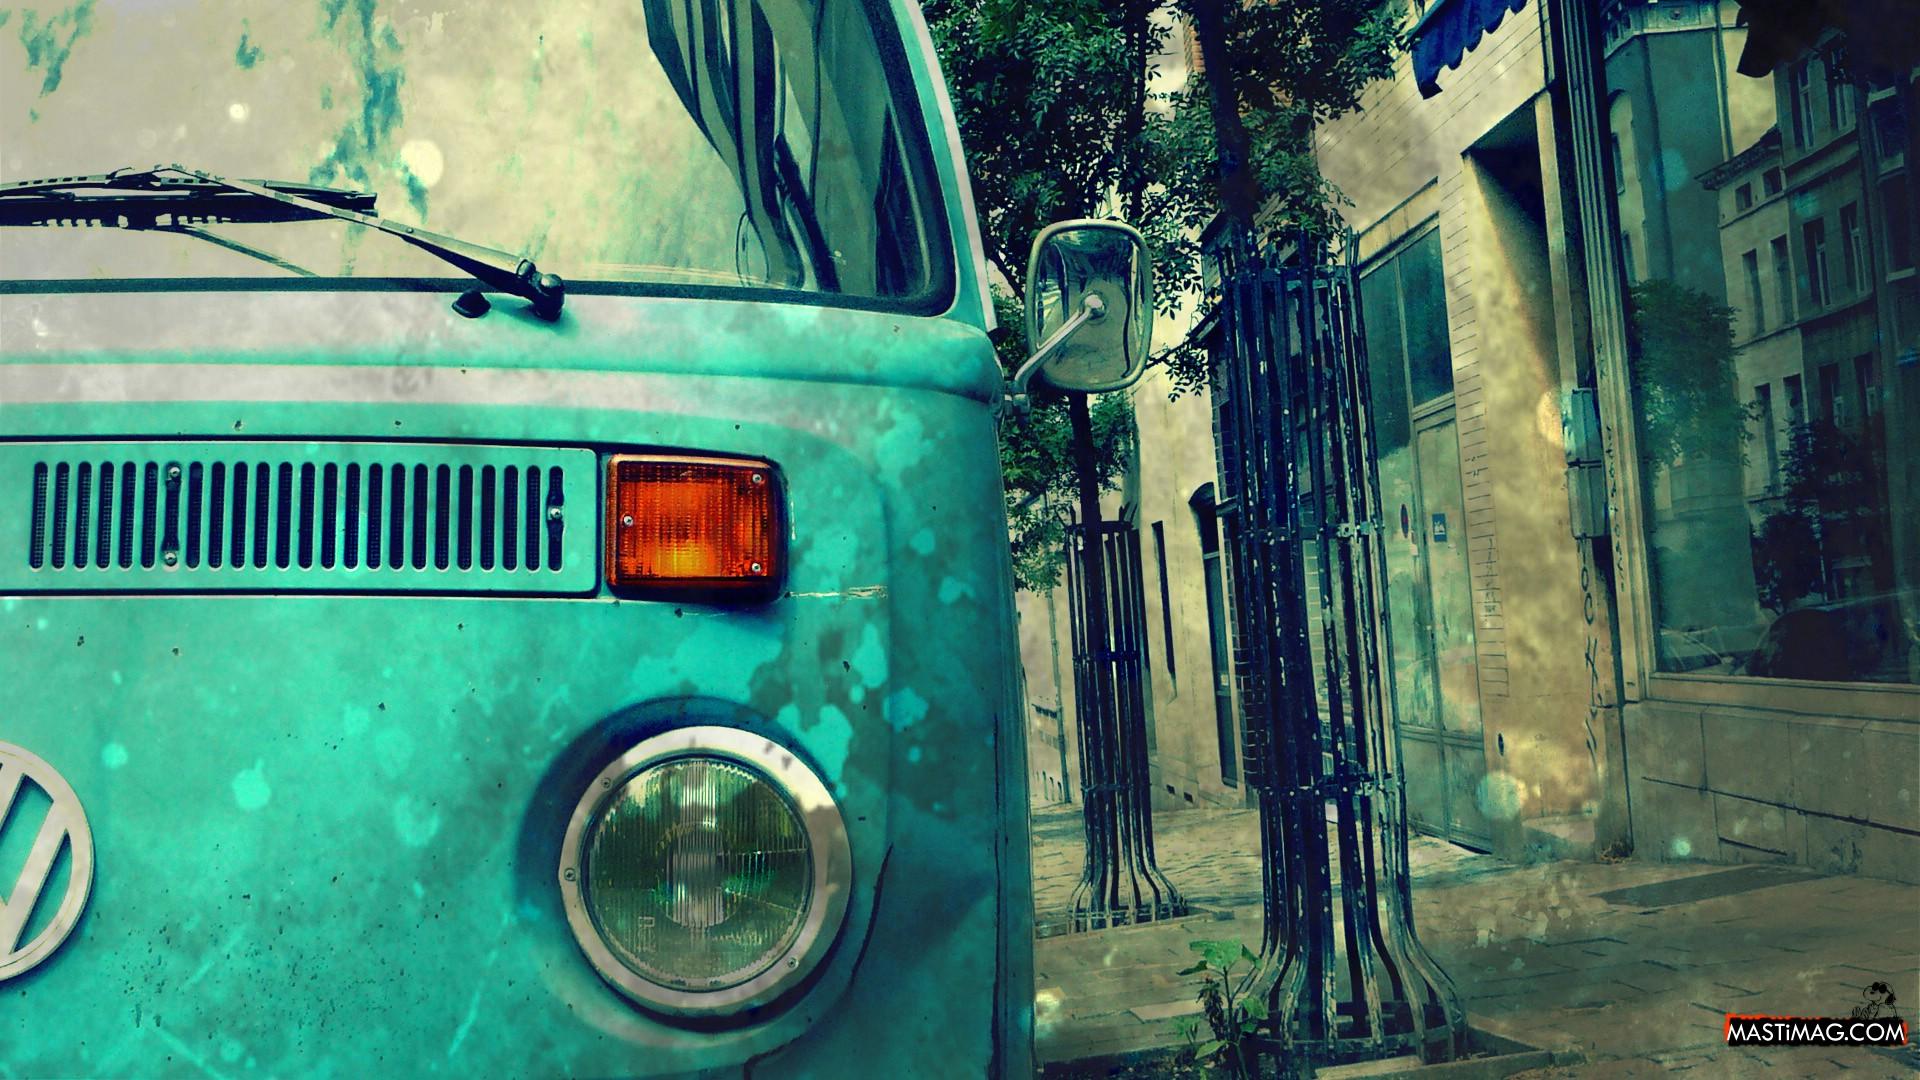 Volkswagen Classic Wallpaper - Volkswagen Classic Wallpaper